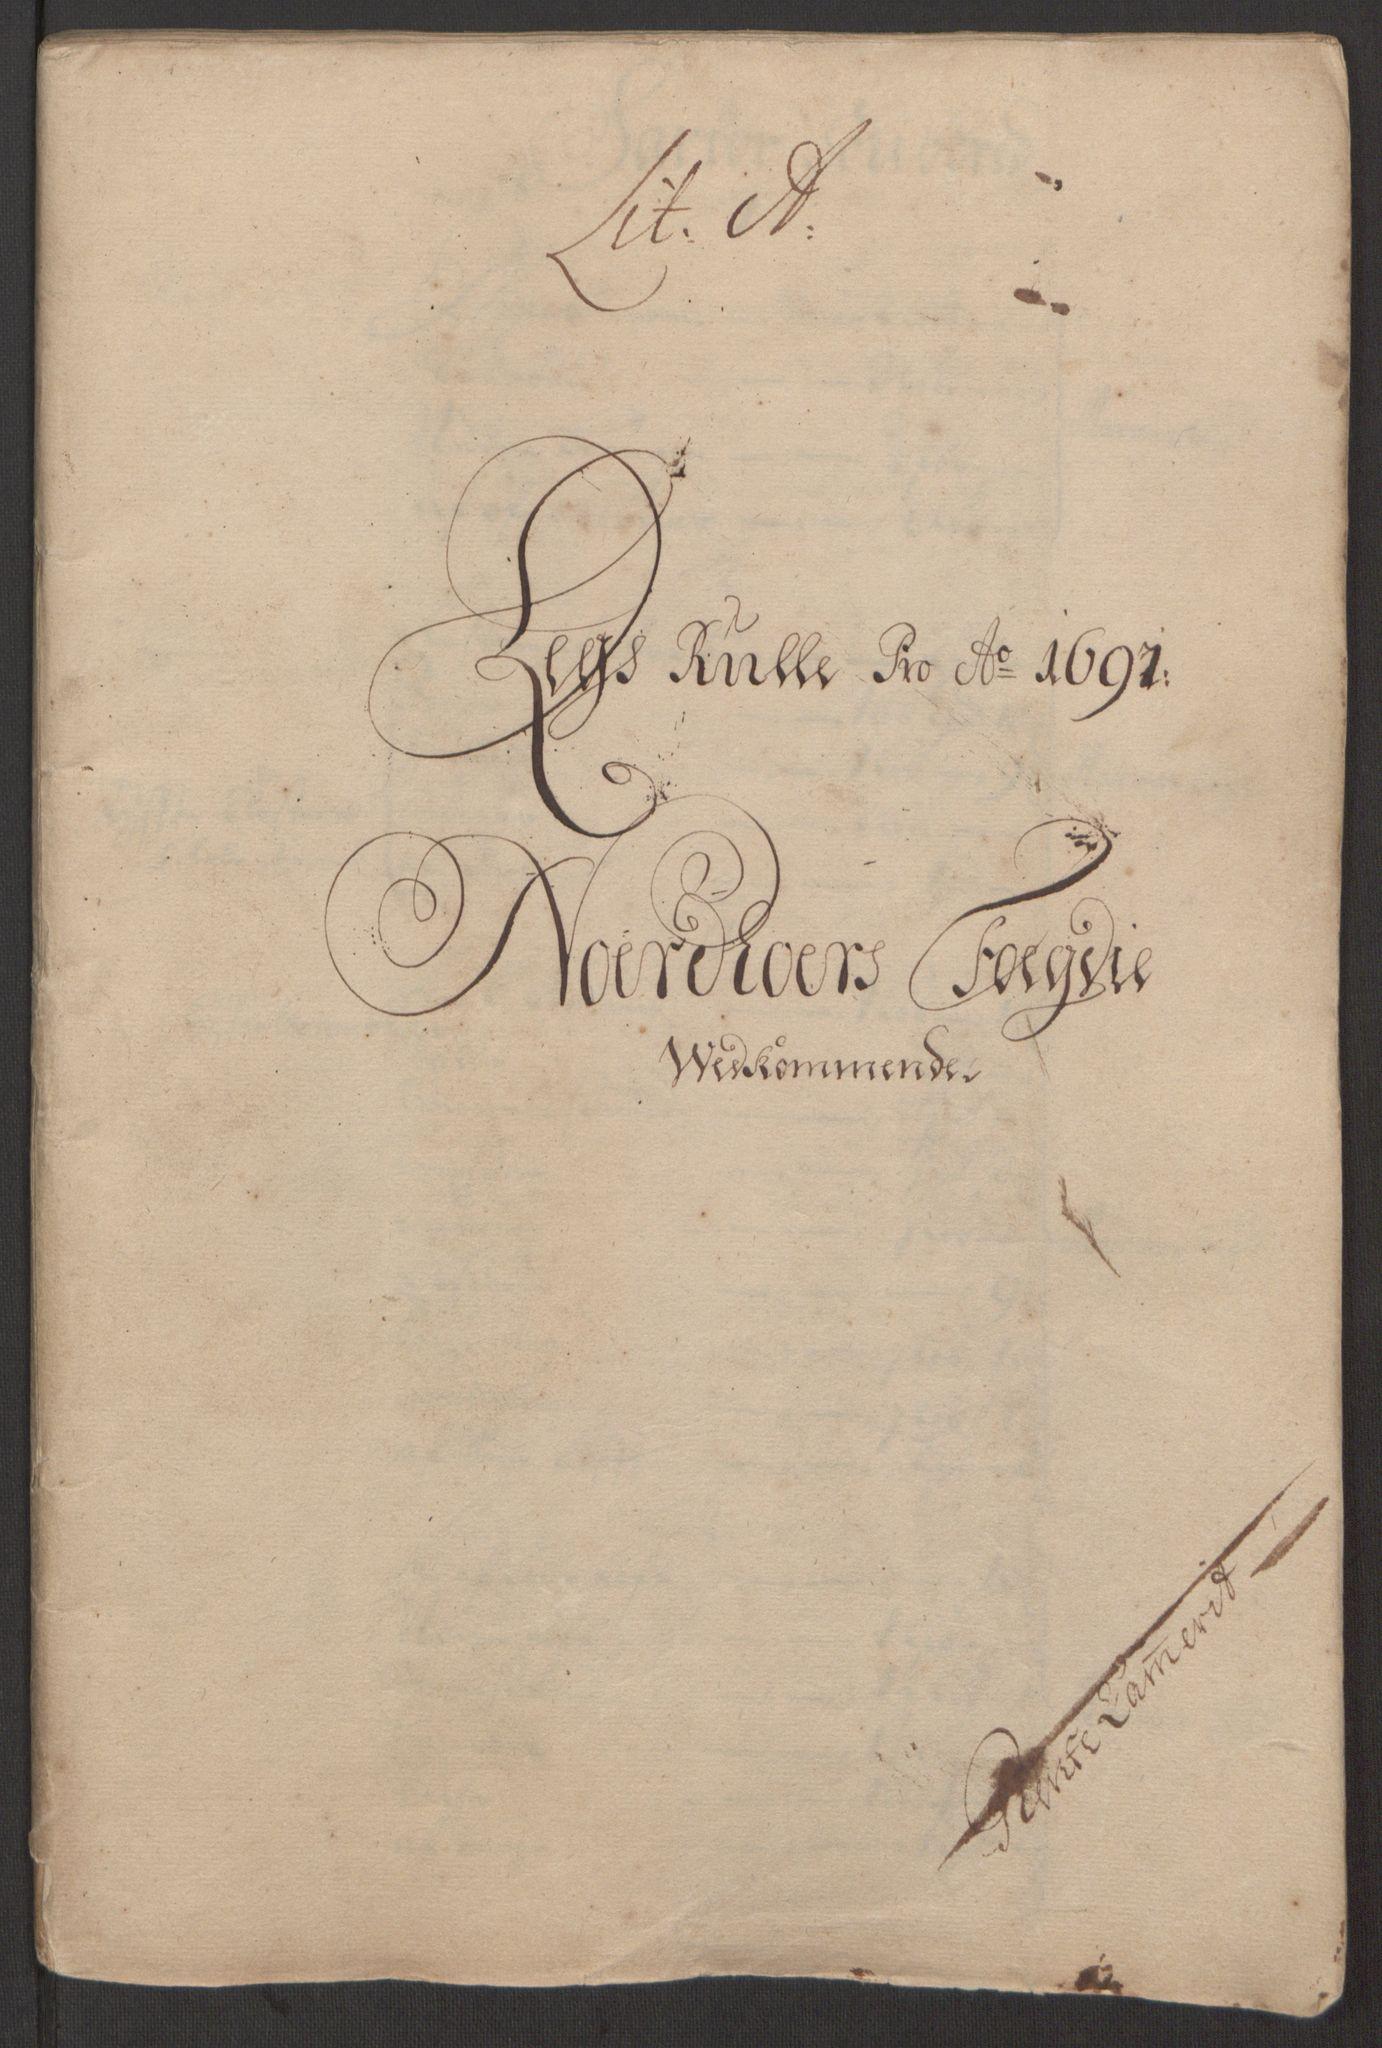 RA, Rentekammeret inntil 1814, Reviderte regnskaper, Fogderegnskap, R51/L3181: Fogderegnskap Nordhordland og Voss, 1691-1692, s. 11